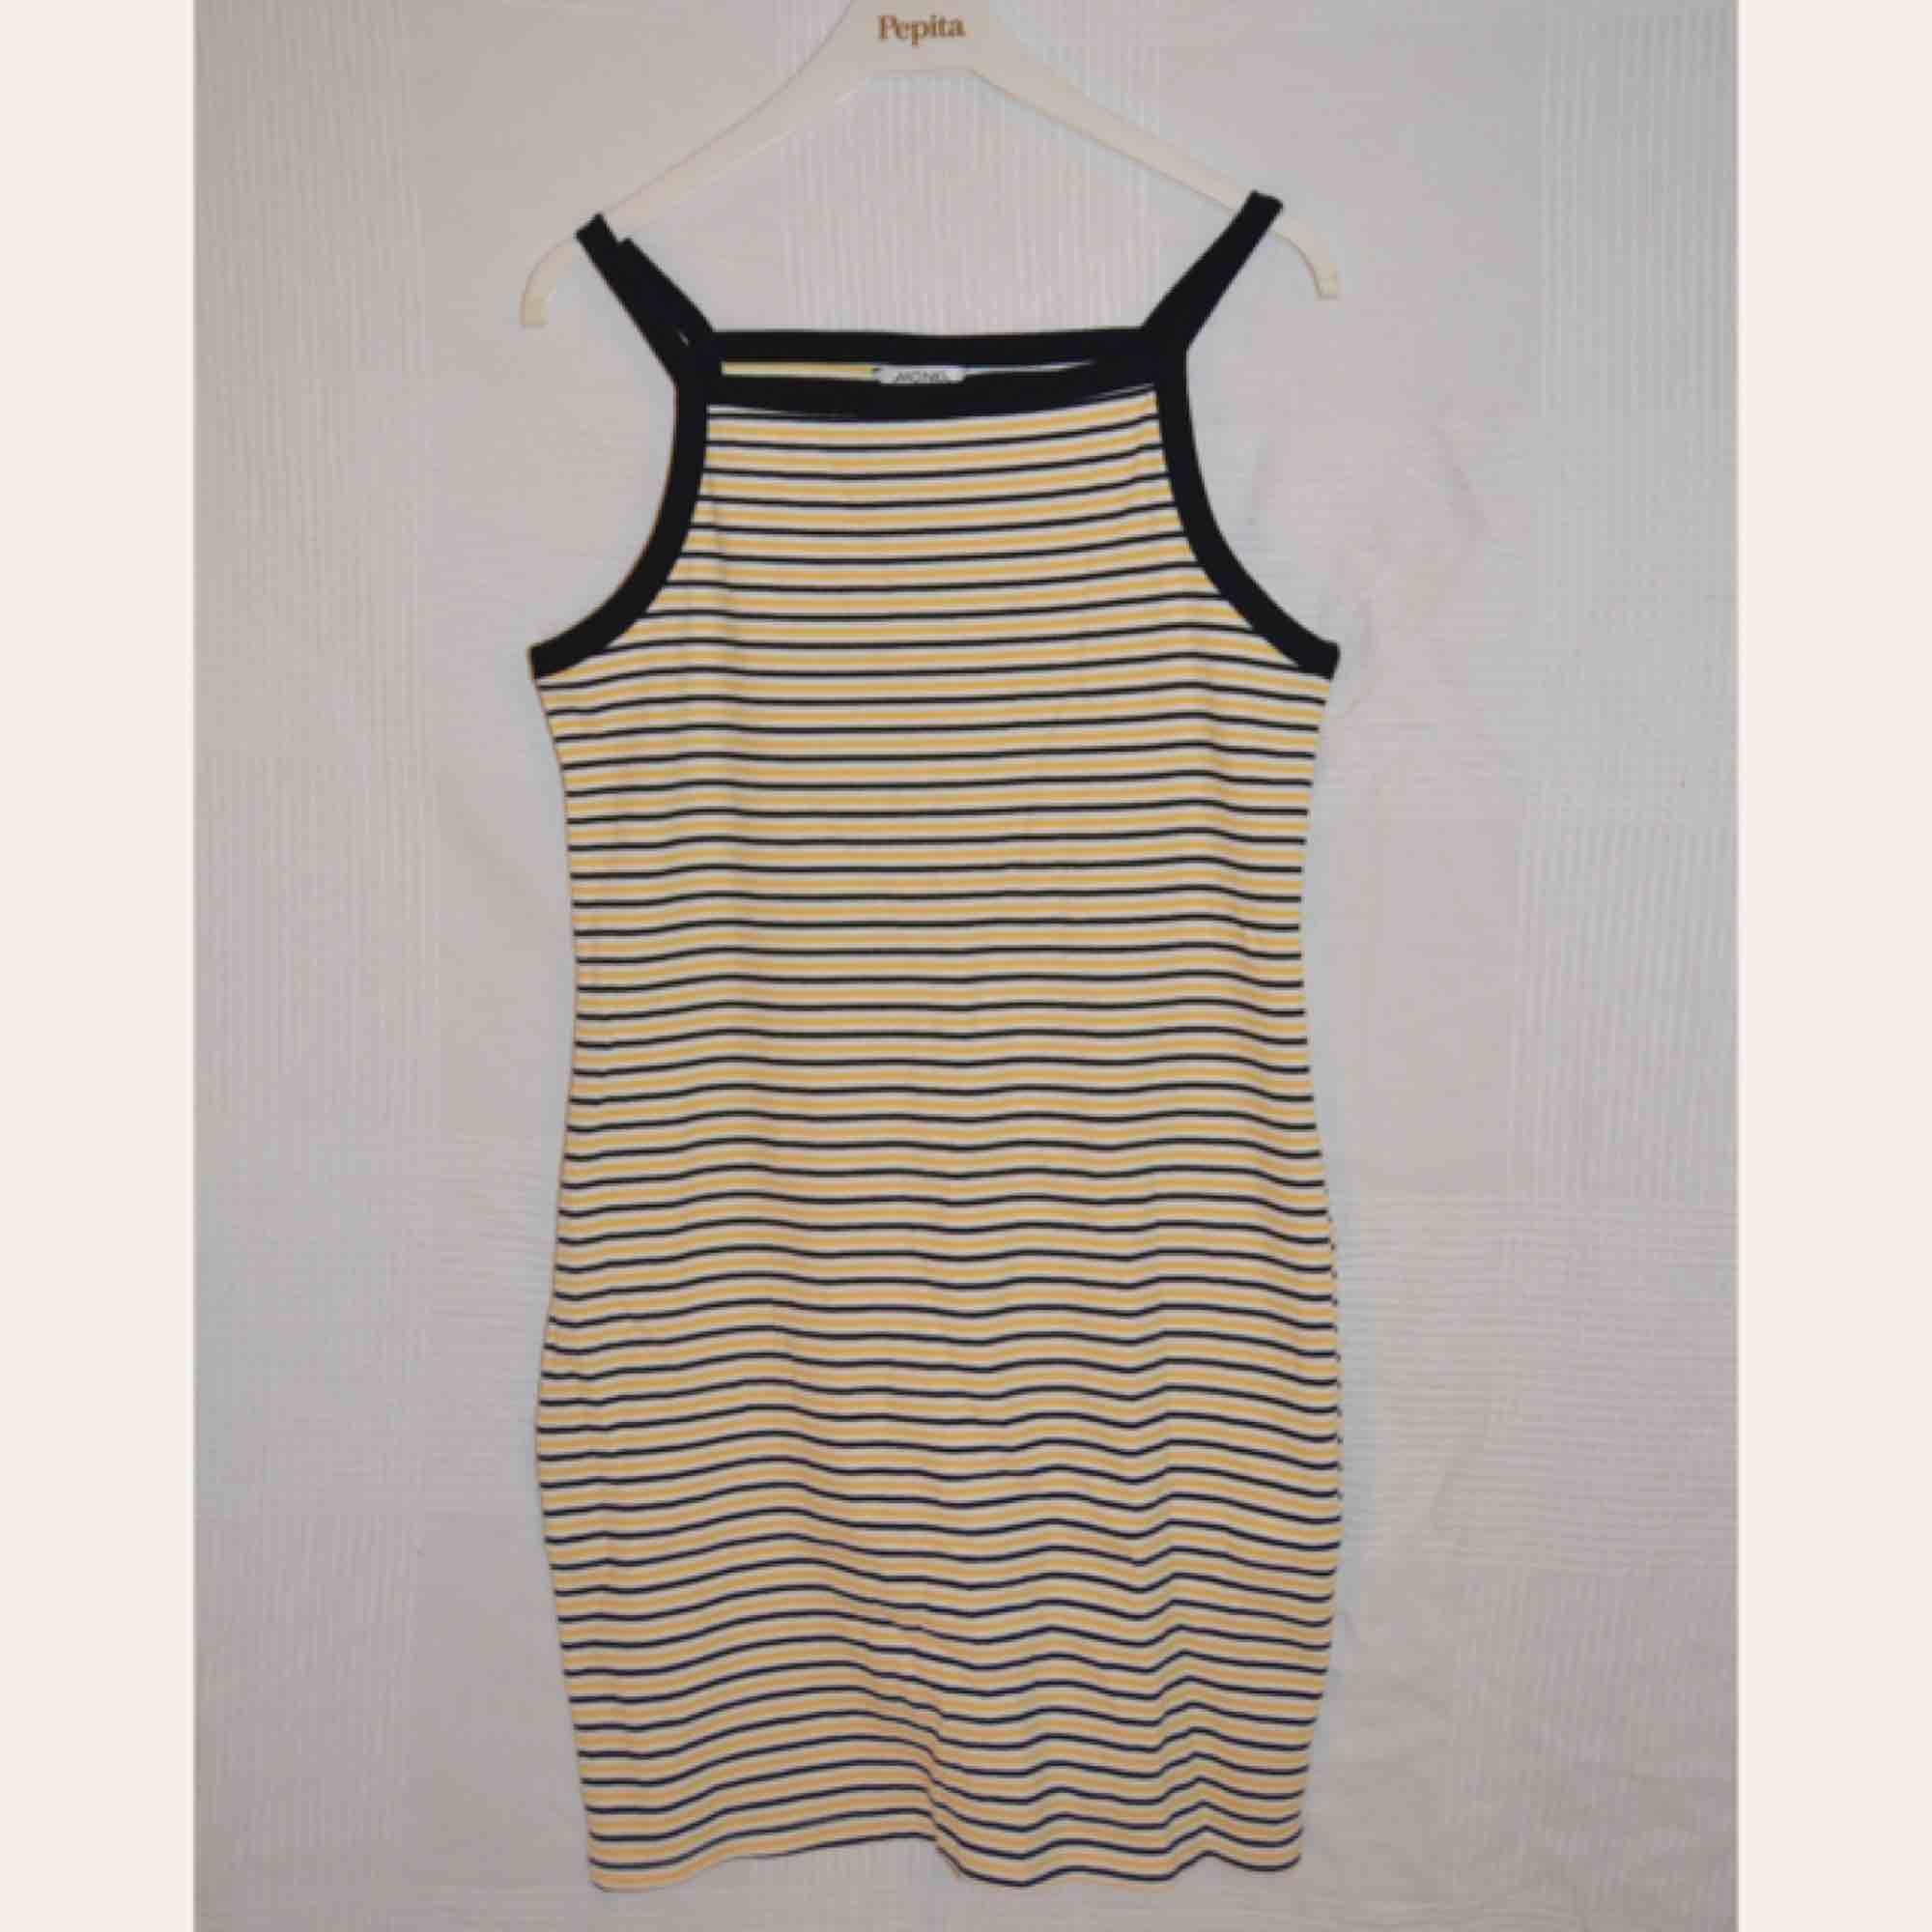 super billigt grossistförsäljning halv av Somrig klänning med gulavita och - Monki Klänningar - Second Hand